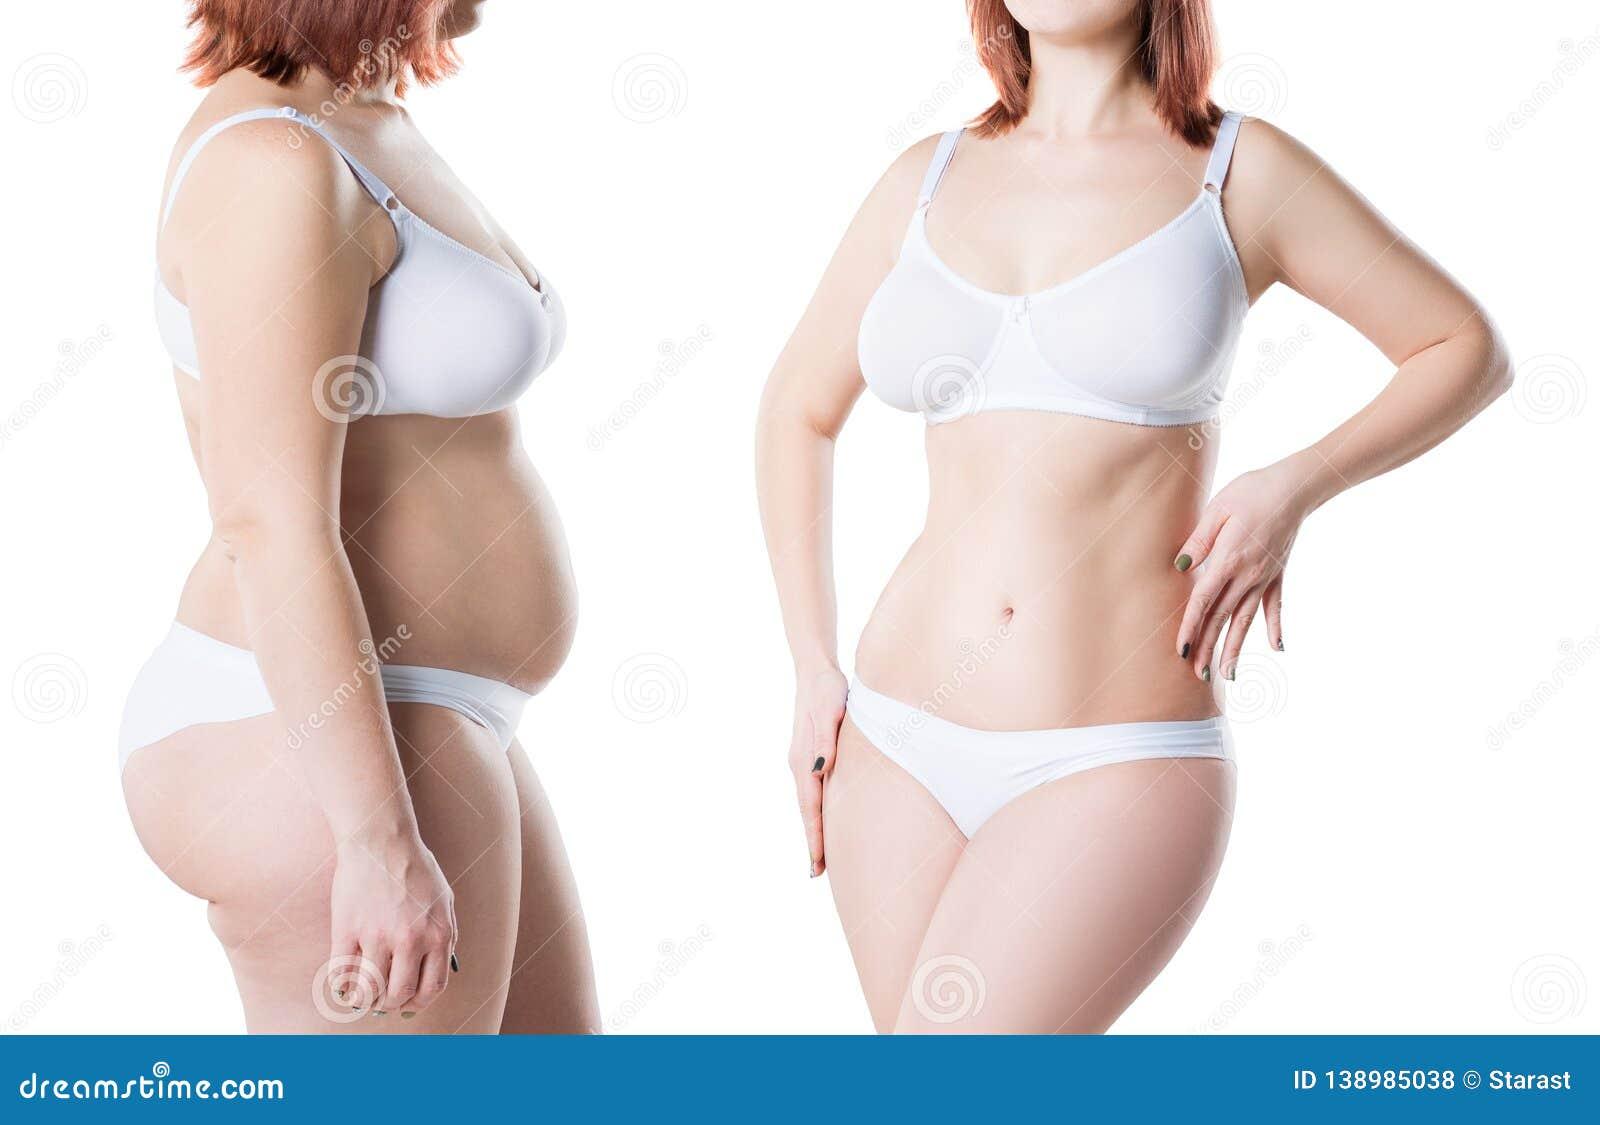 perte de poids au fond perdre la graisse de la cuisse rapide mâle